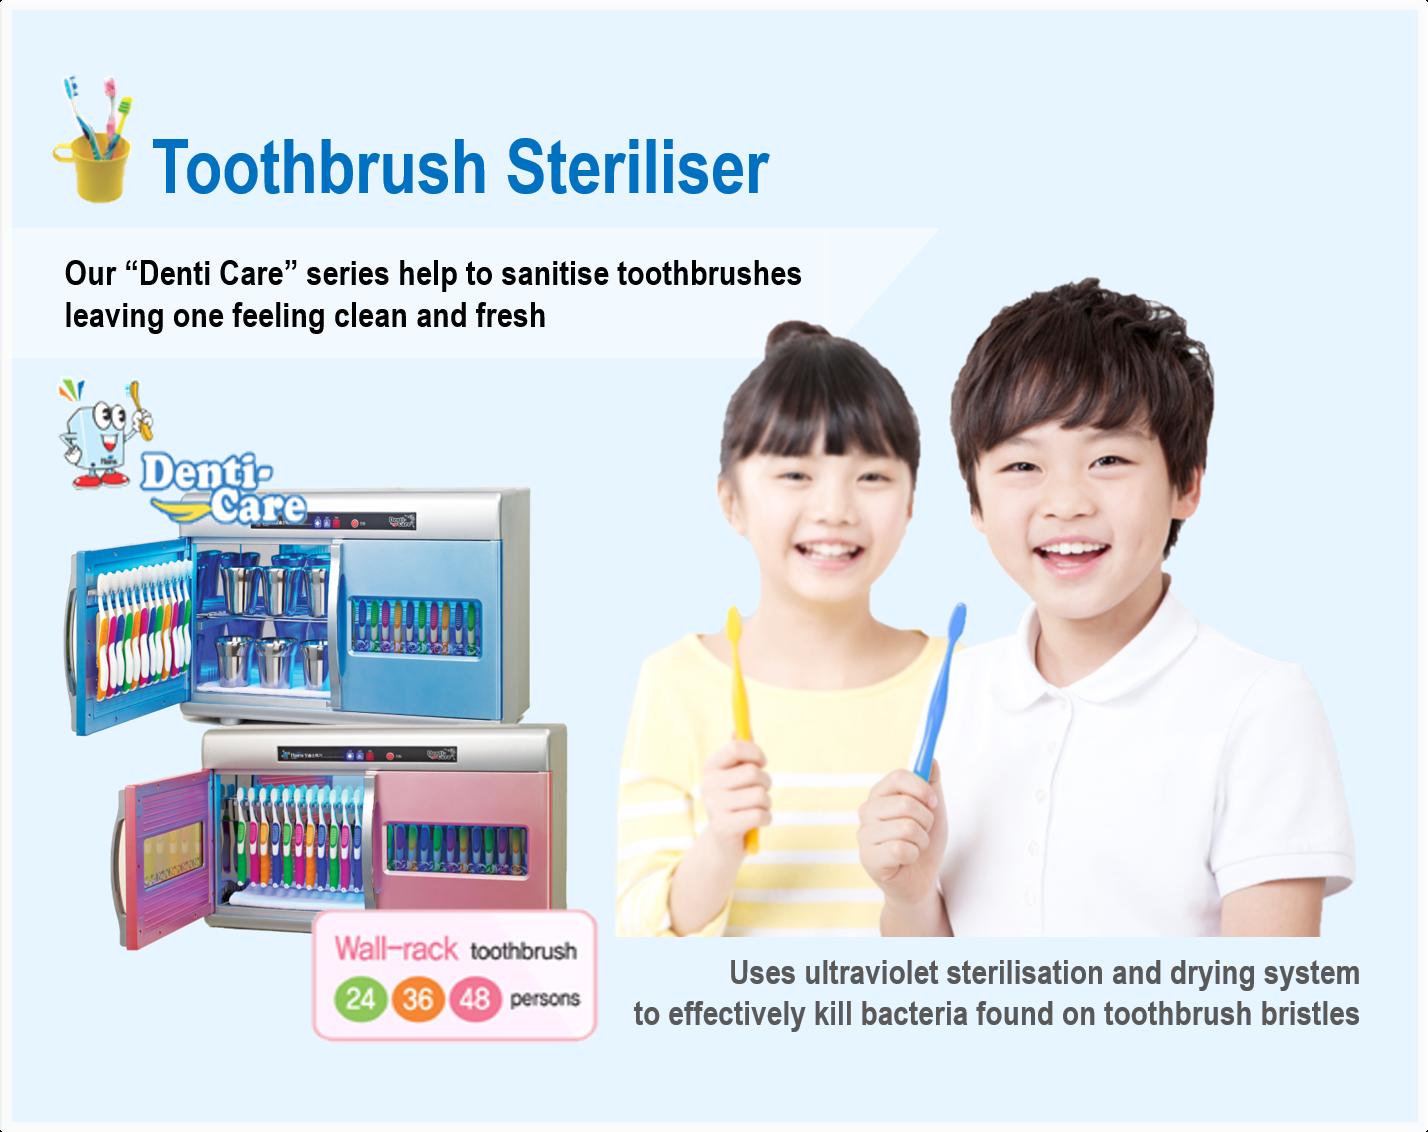 Toothbrush Steriliser